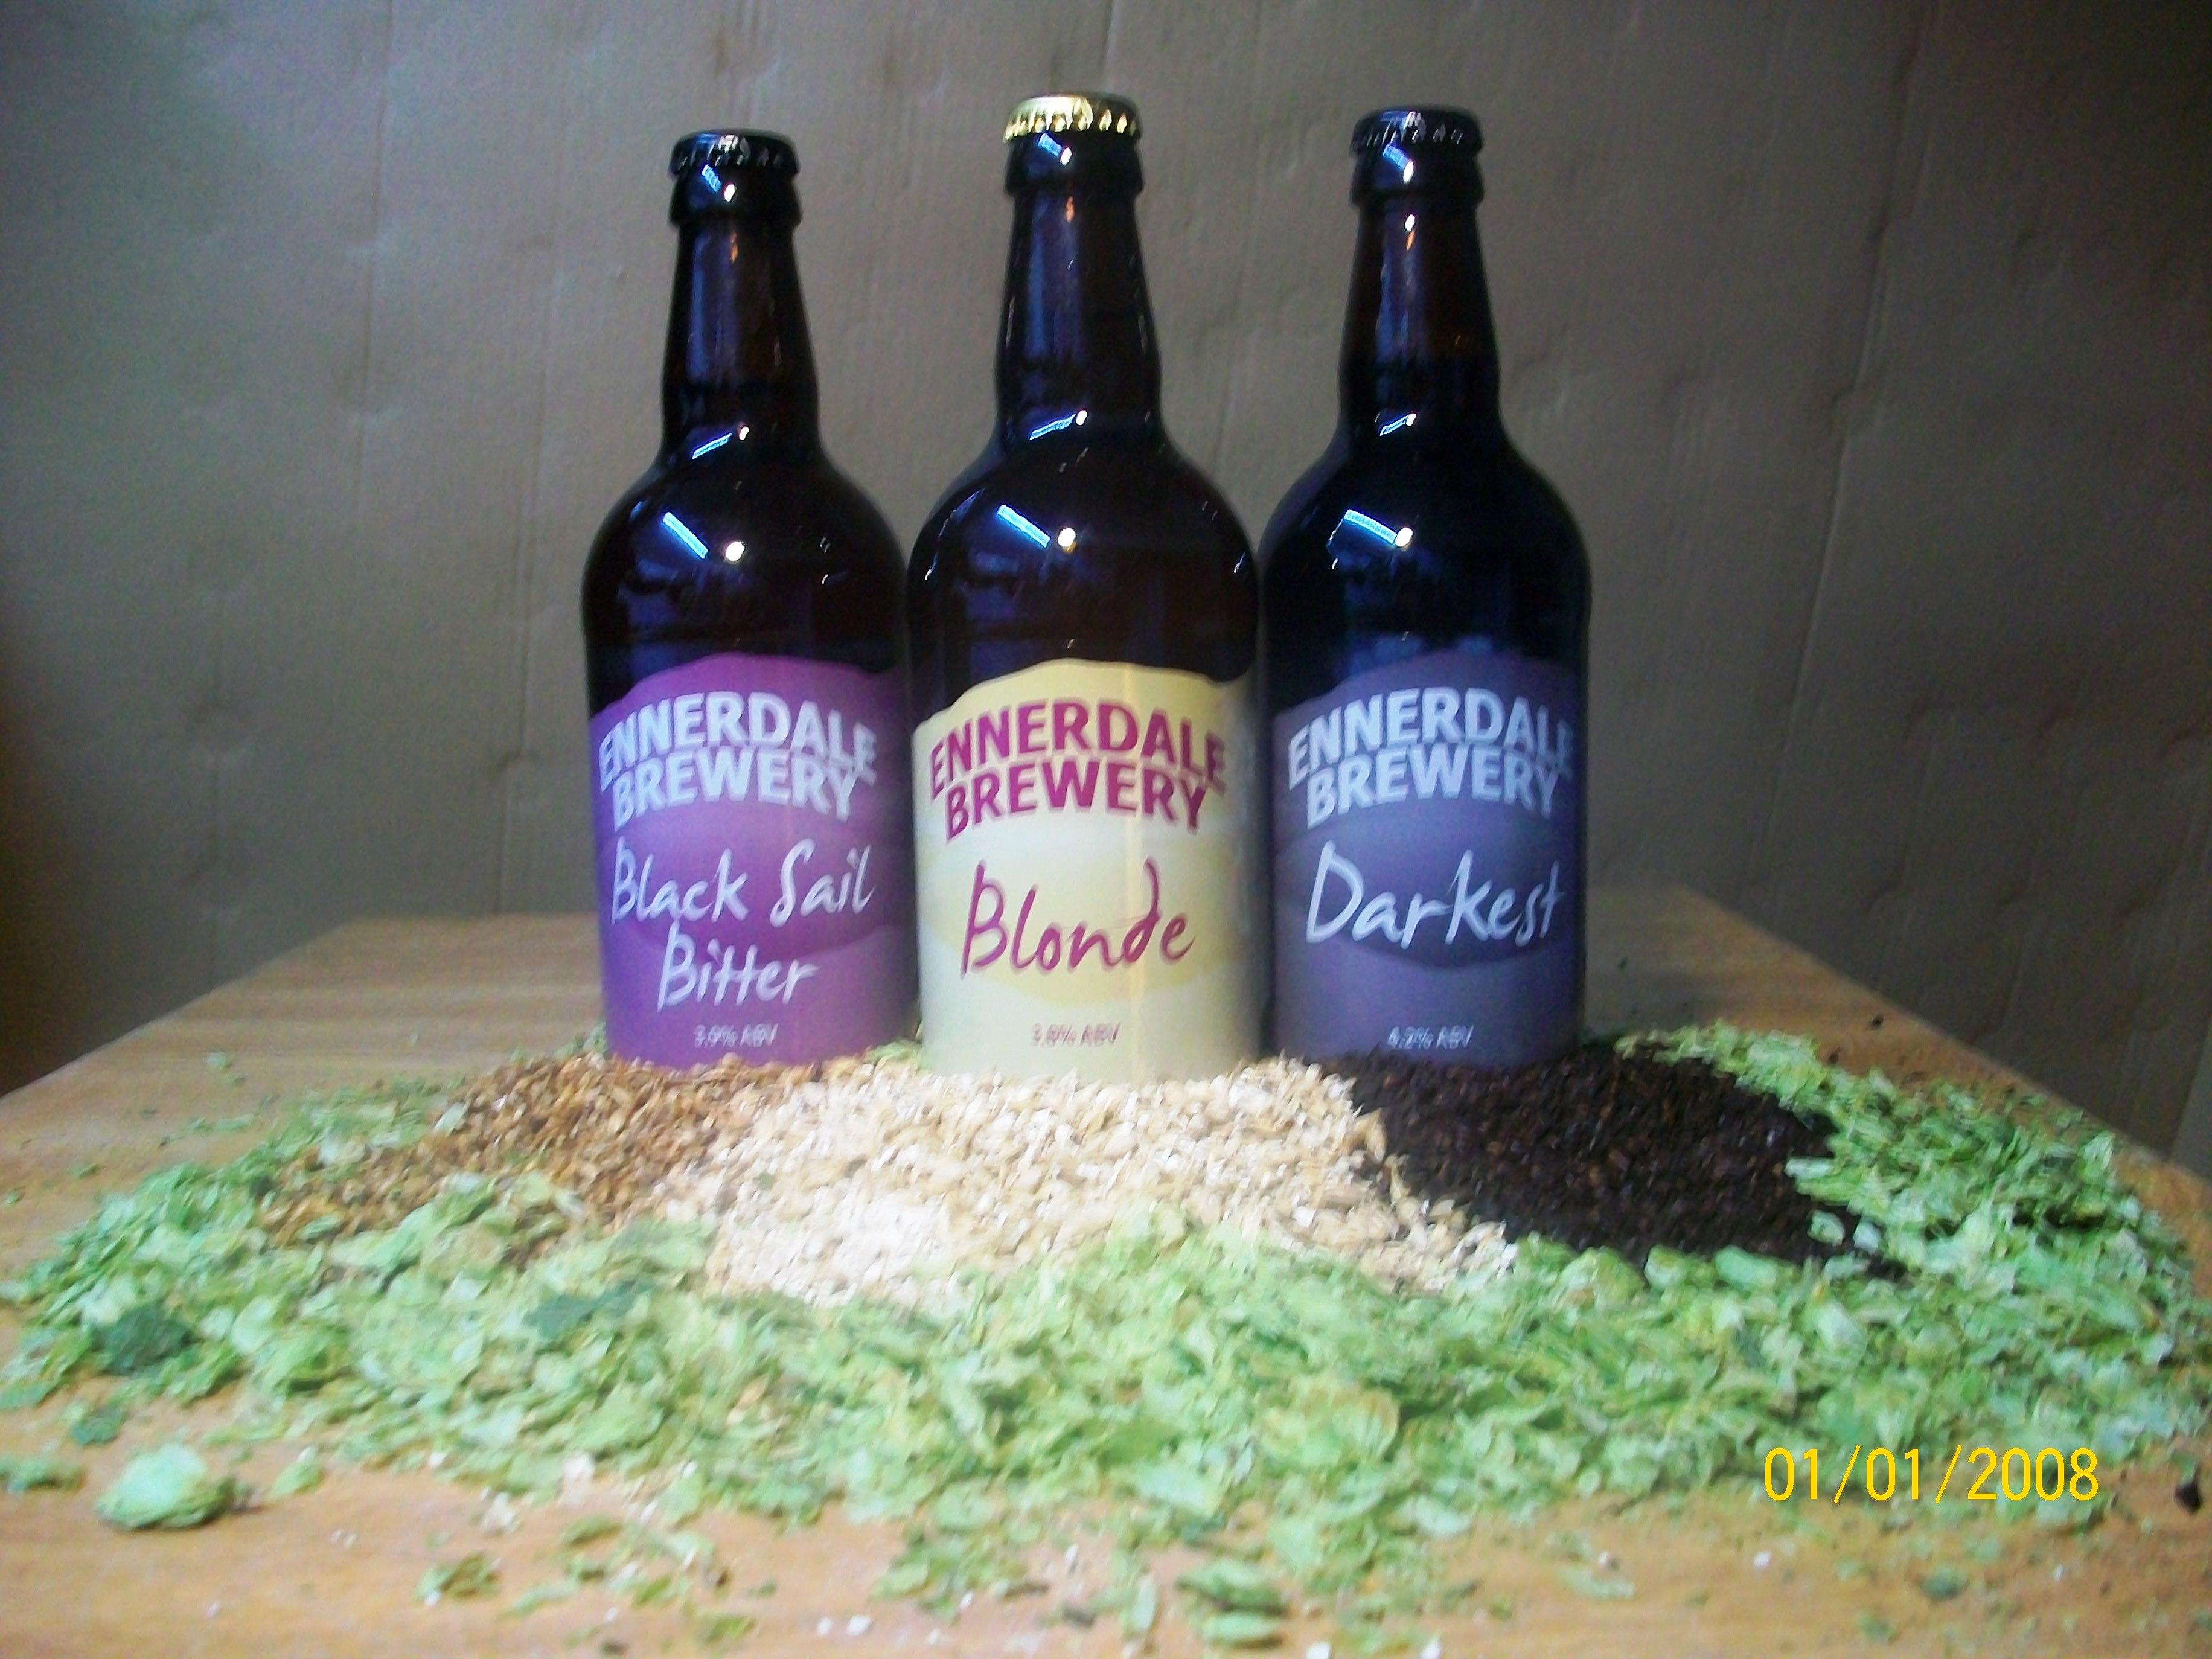 Ennerdale Brewery Bottled Beers